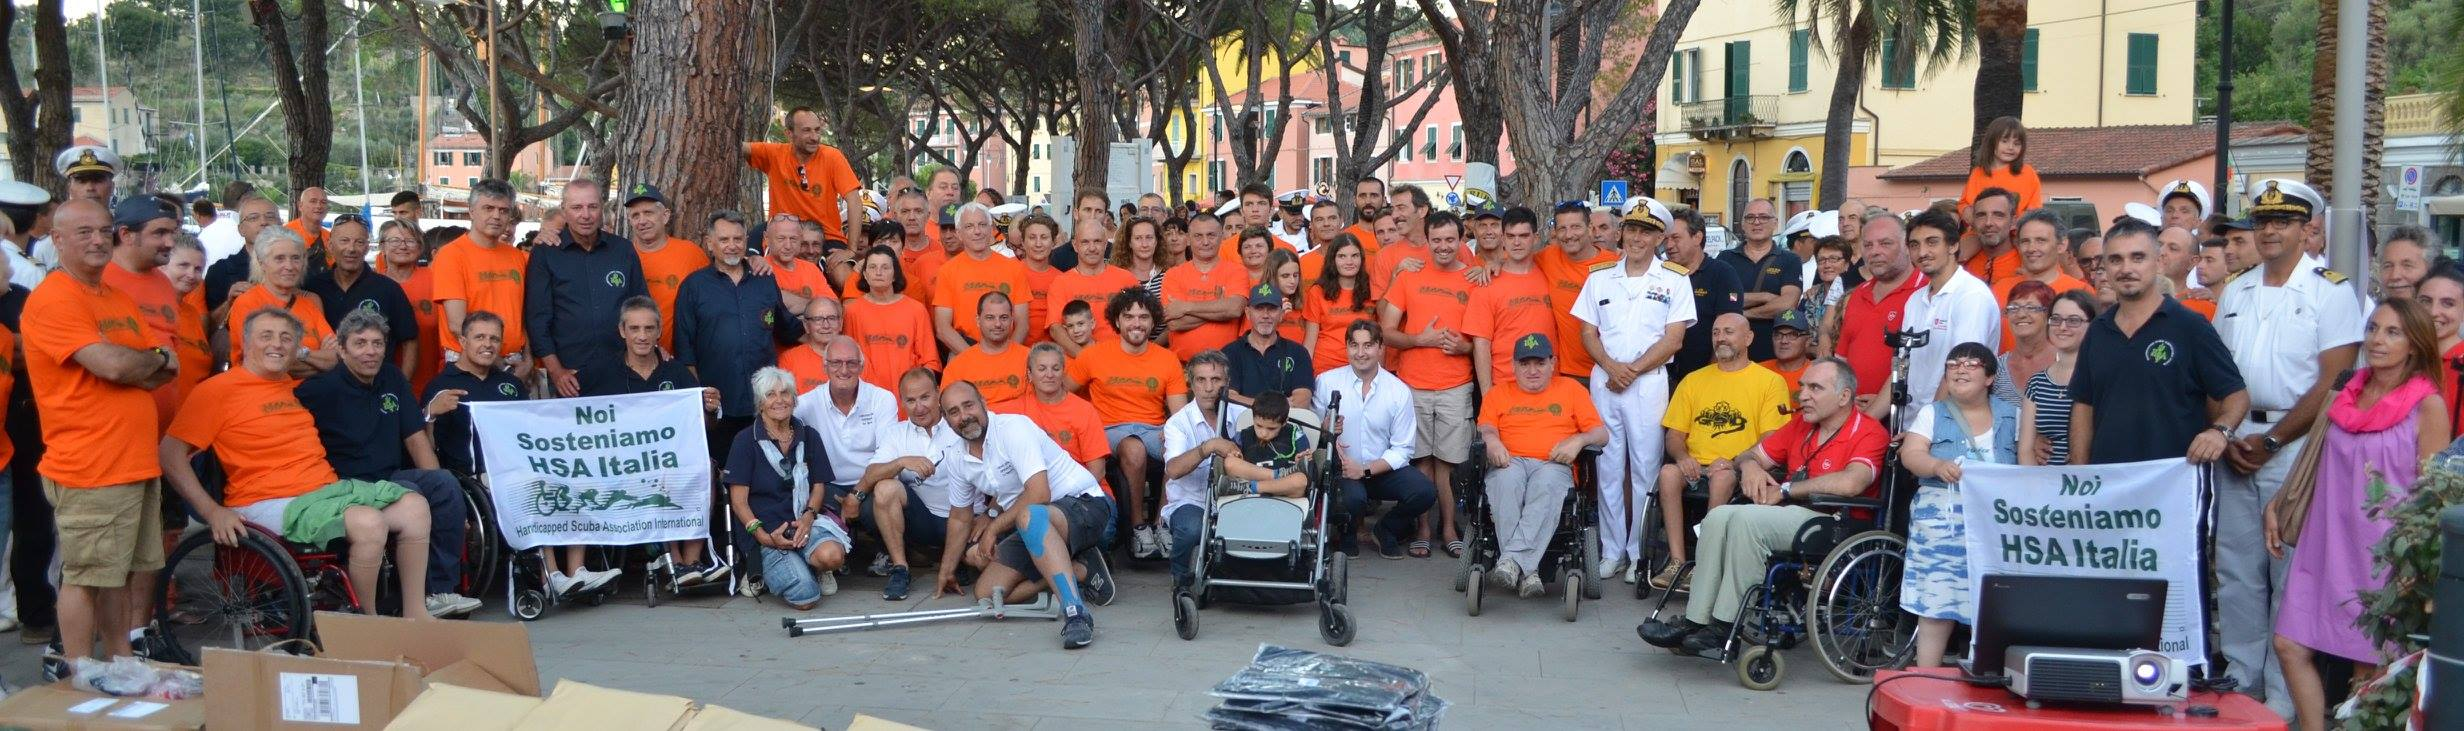 Dieci anni Insieme in Immersione a Porto Venere … decima edizione dell'evento organizzato da HSA e dal COMSUBIN